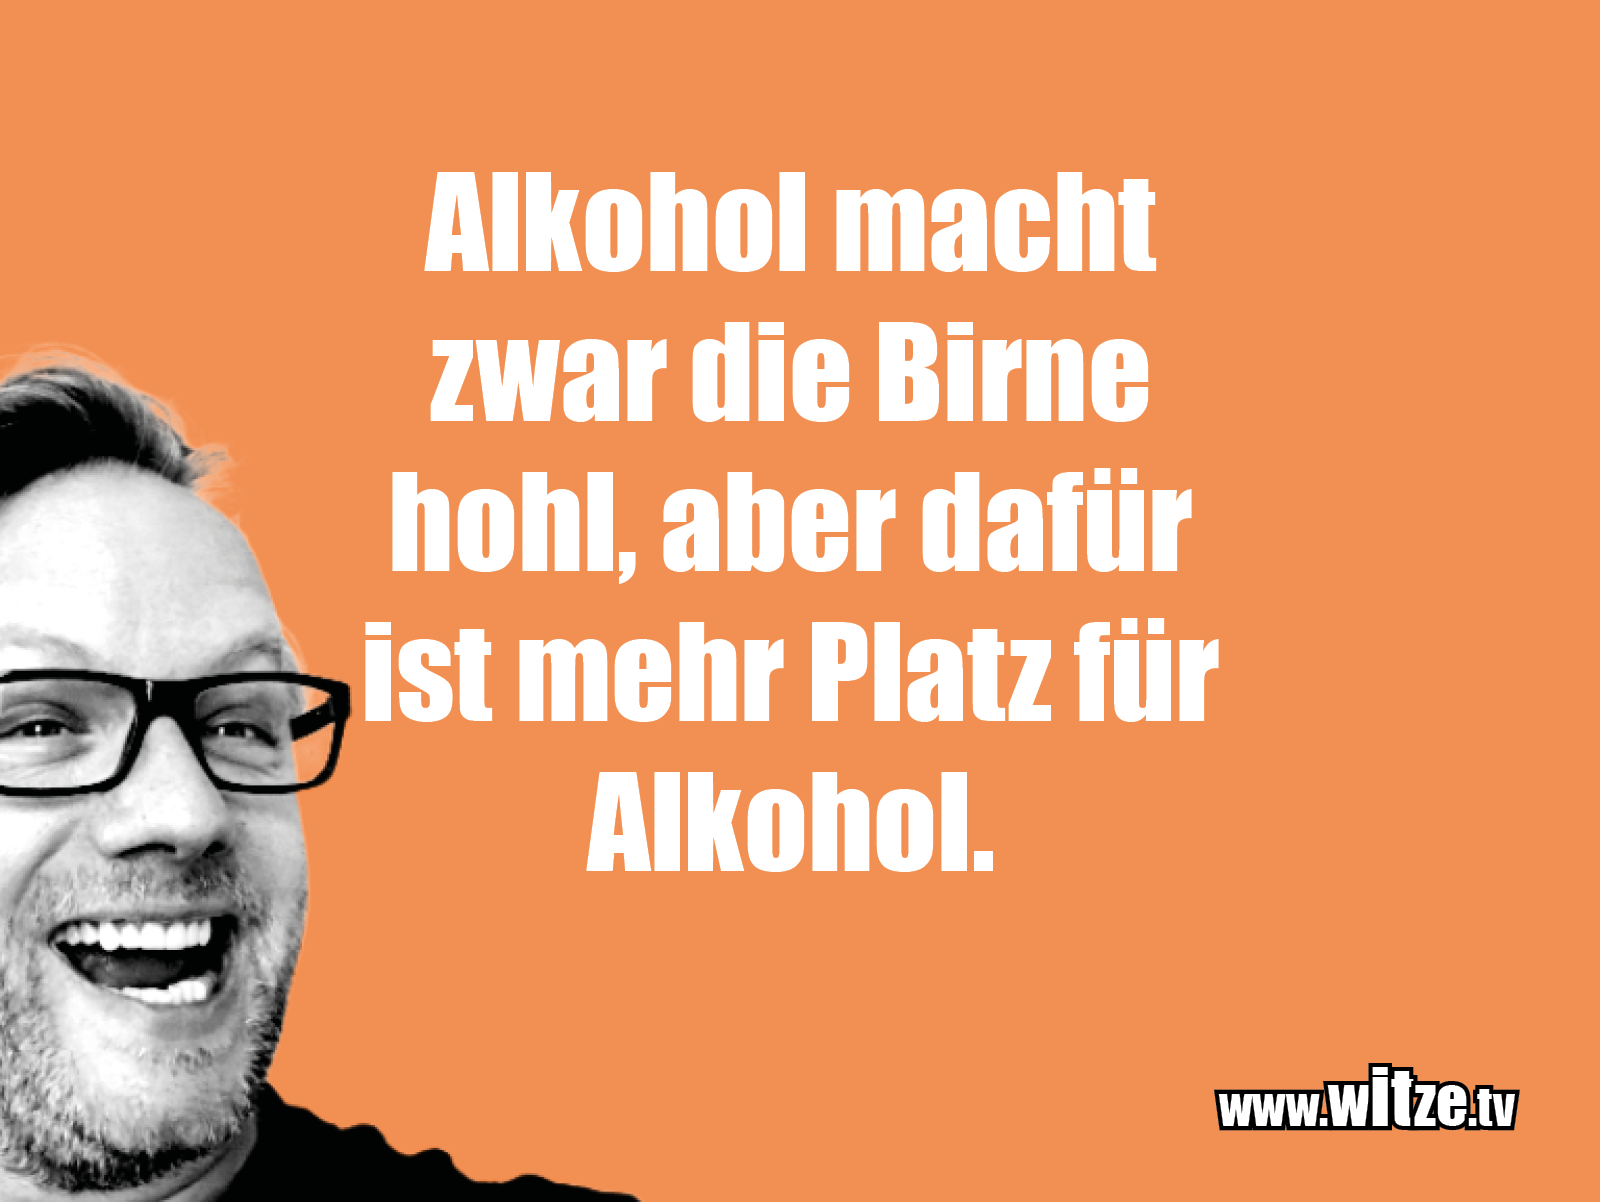 Das ist Humor... Alkohol macht zwar die Birne...